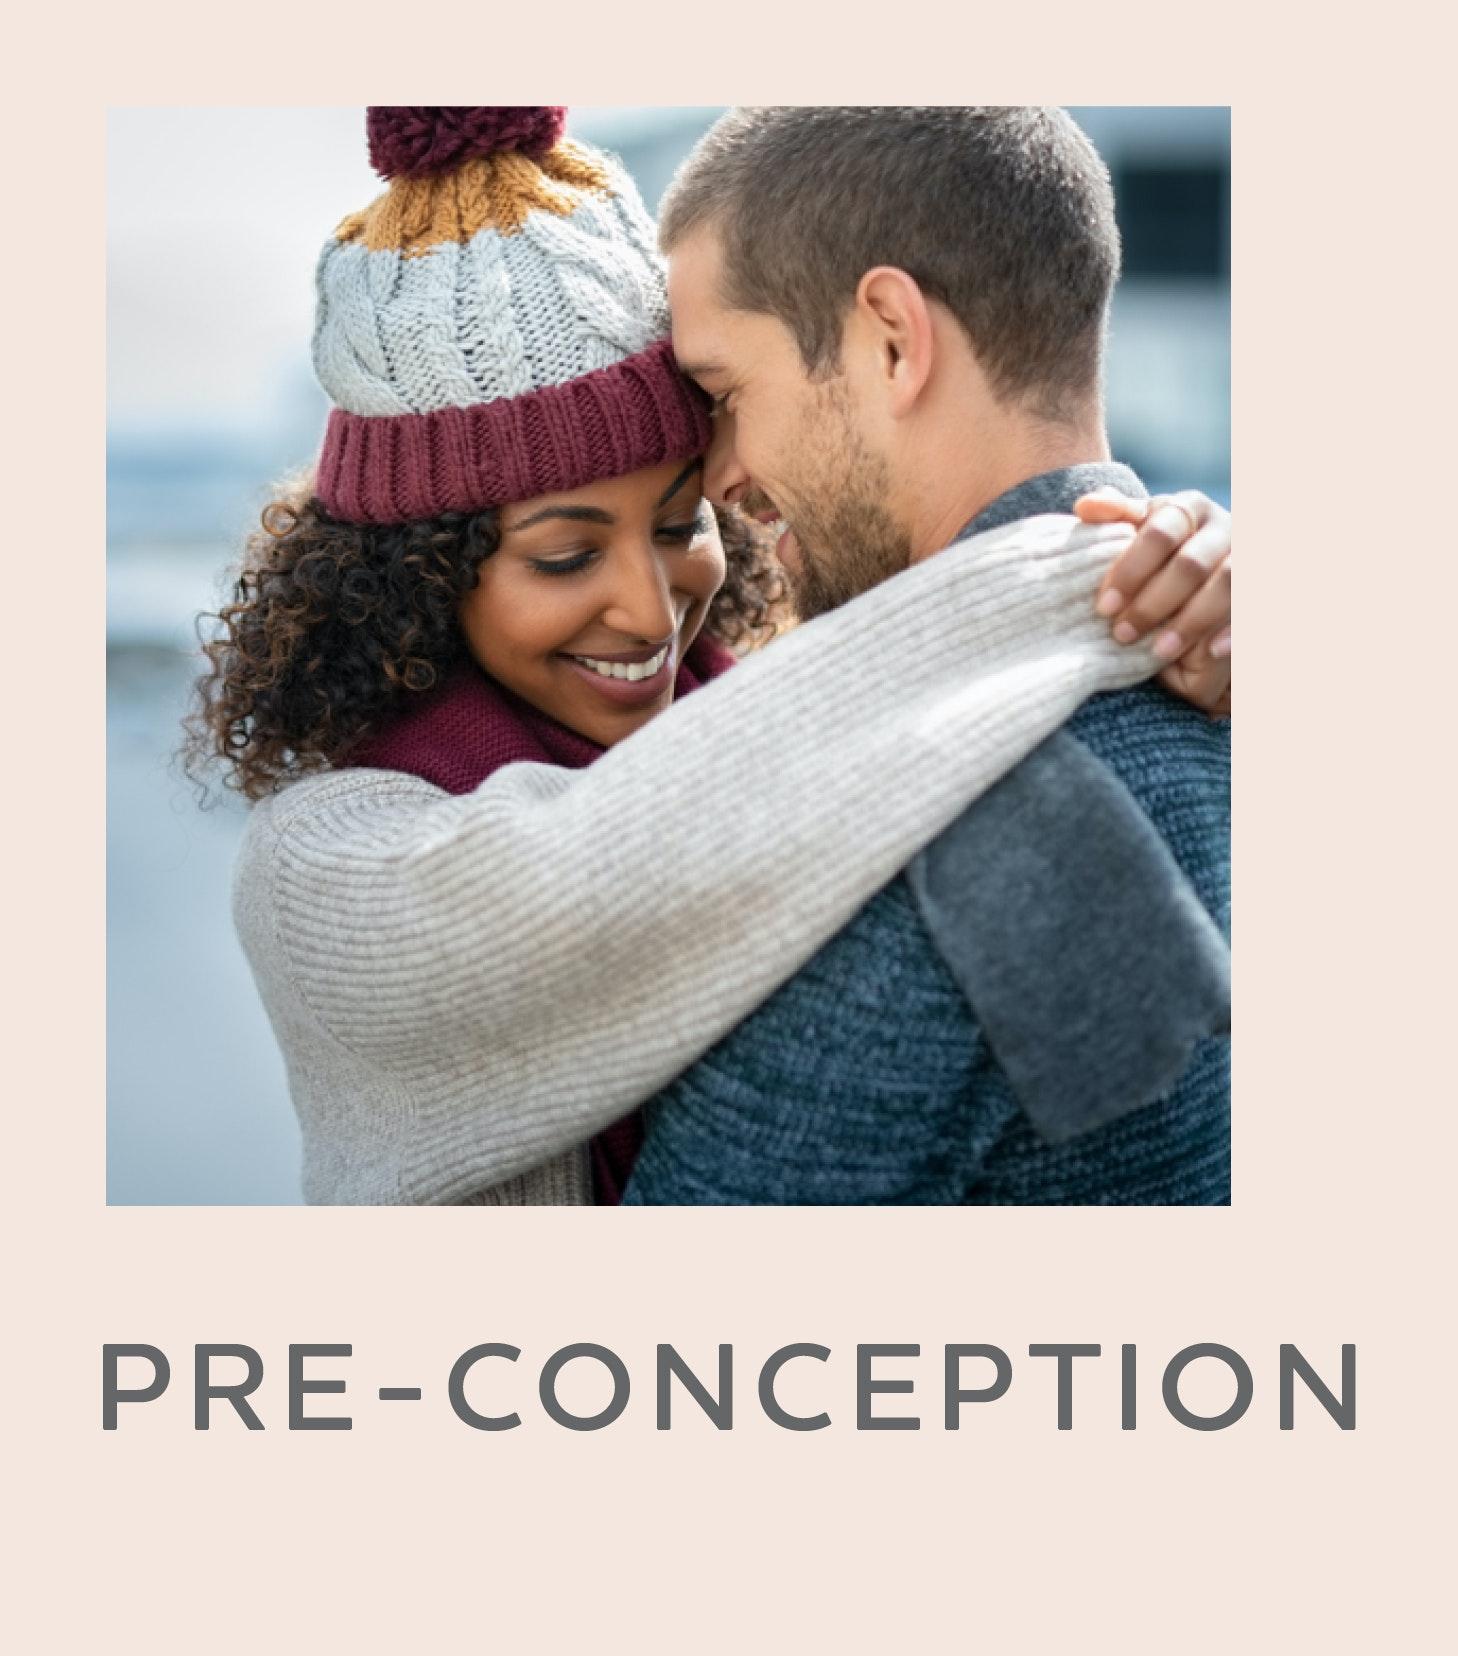 Pre-conception